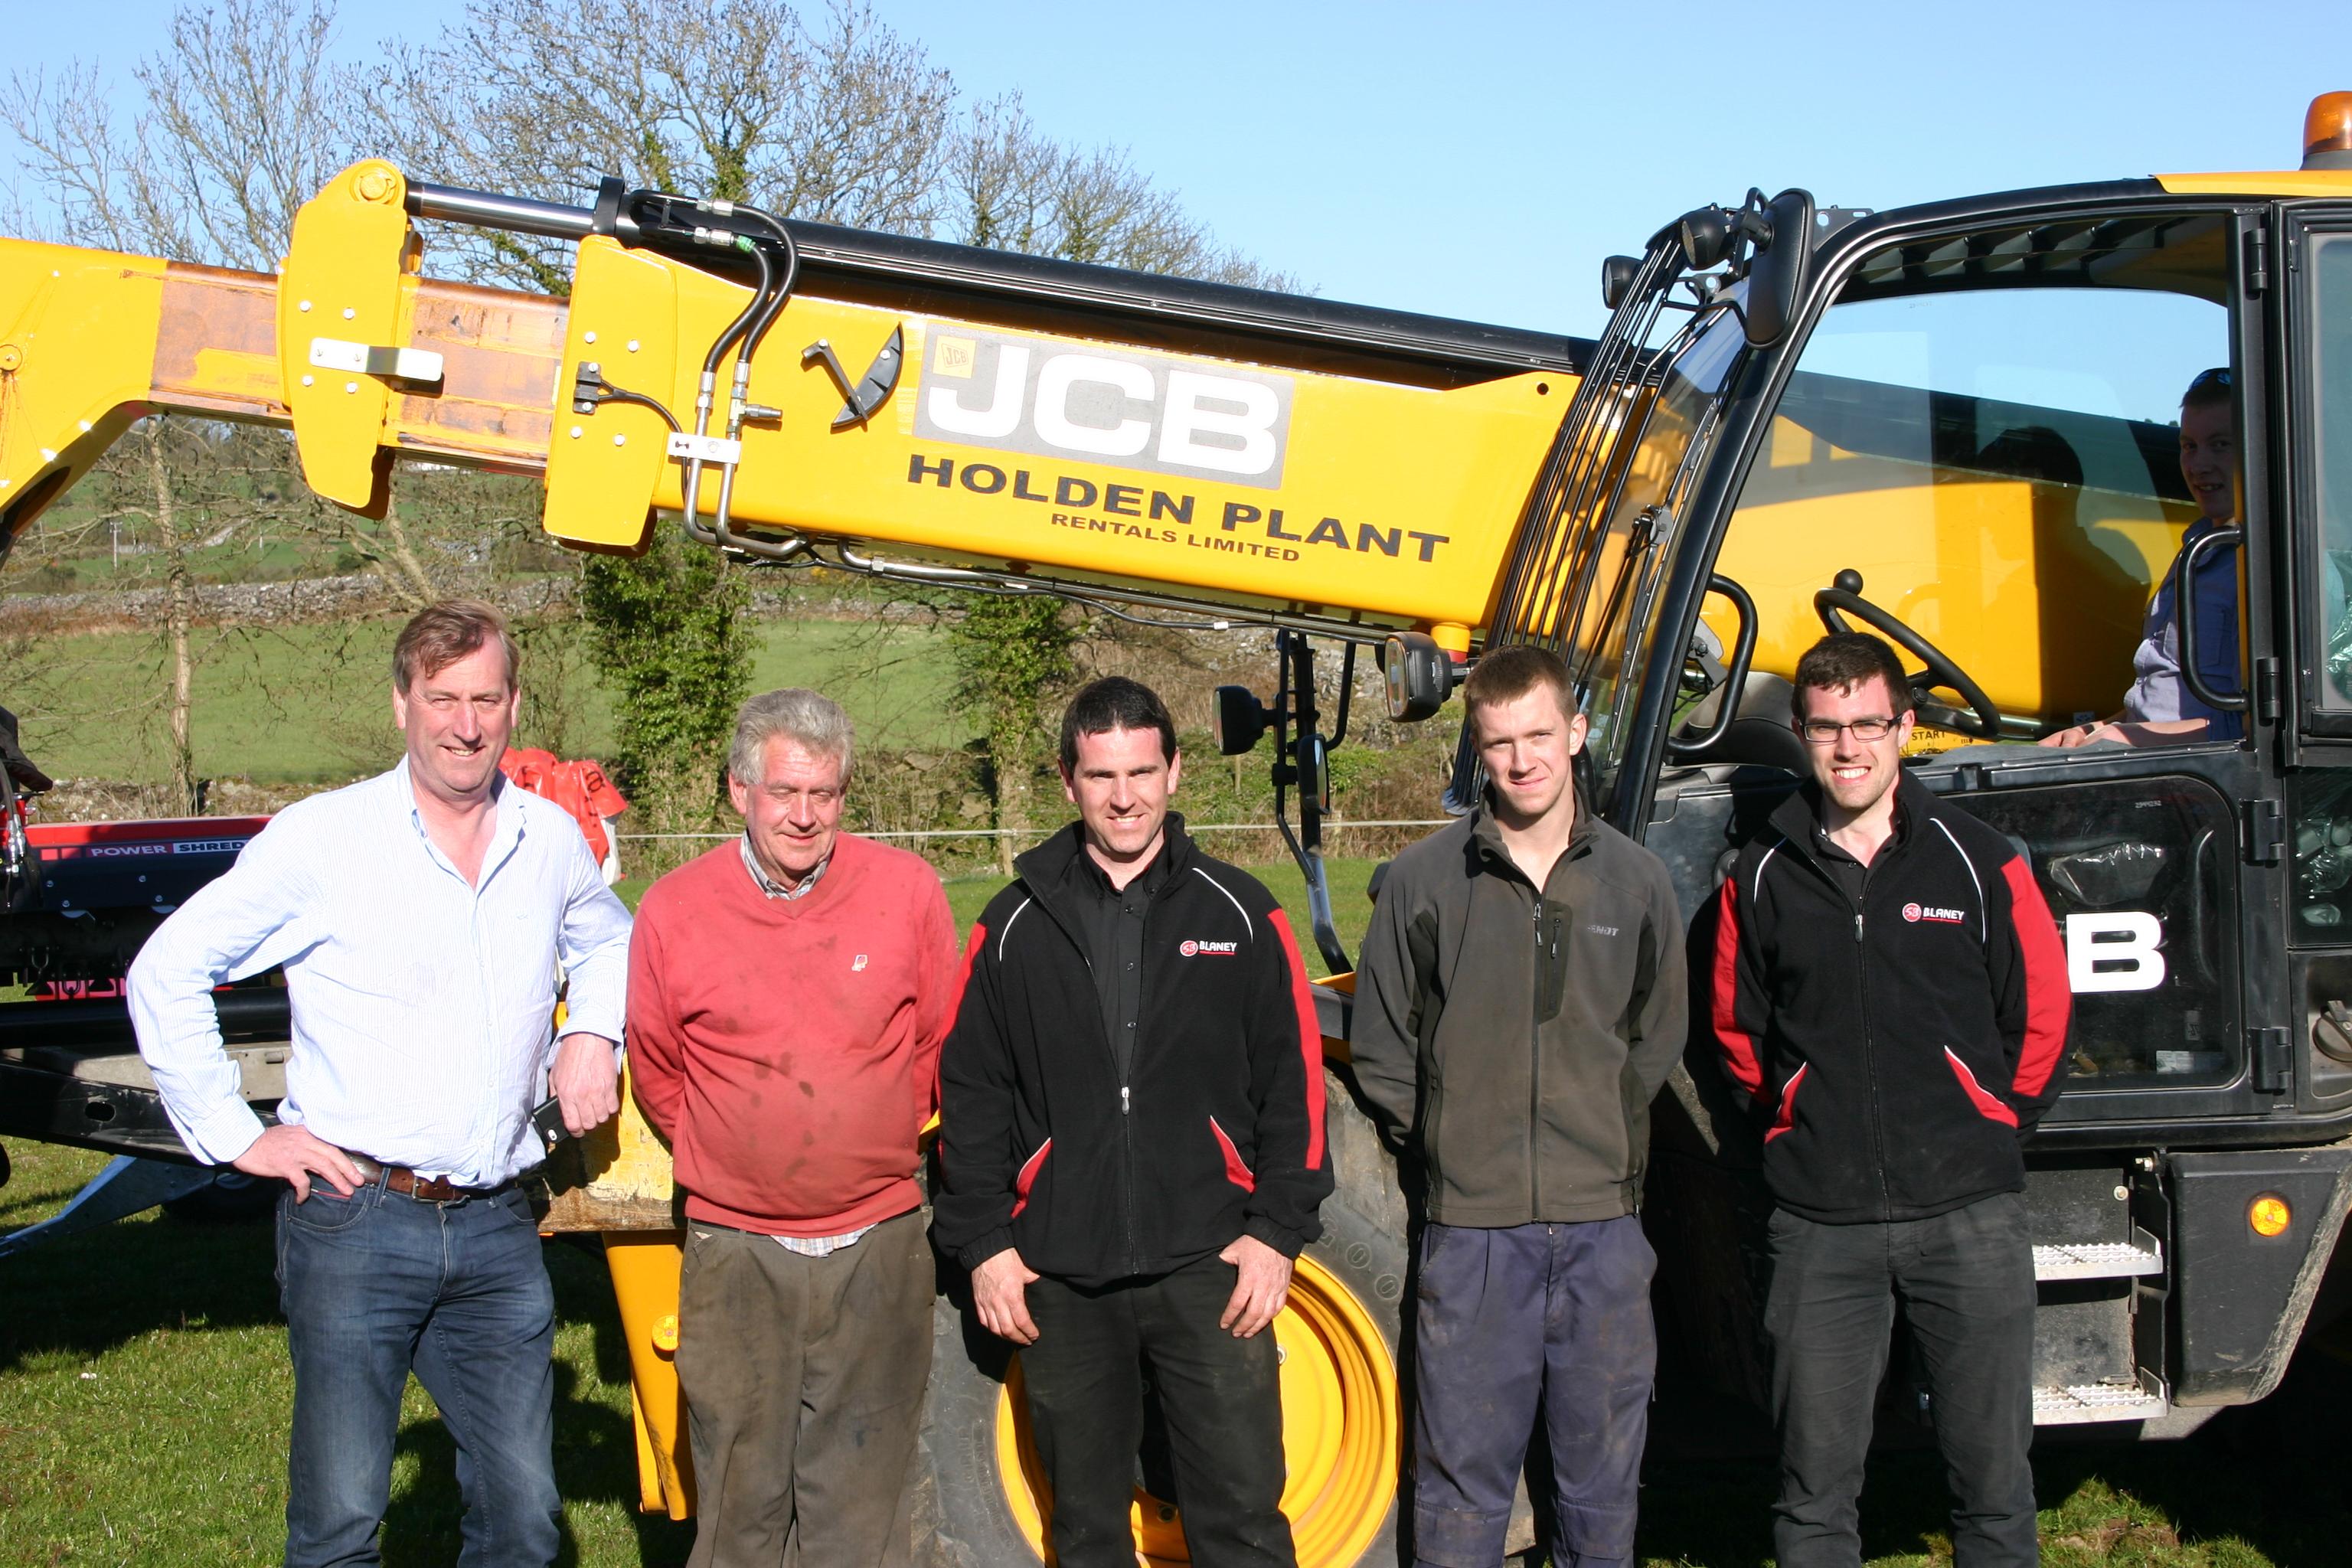 Paul Holden - Host farmer Kilkenny